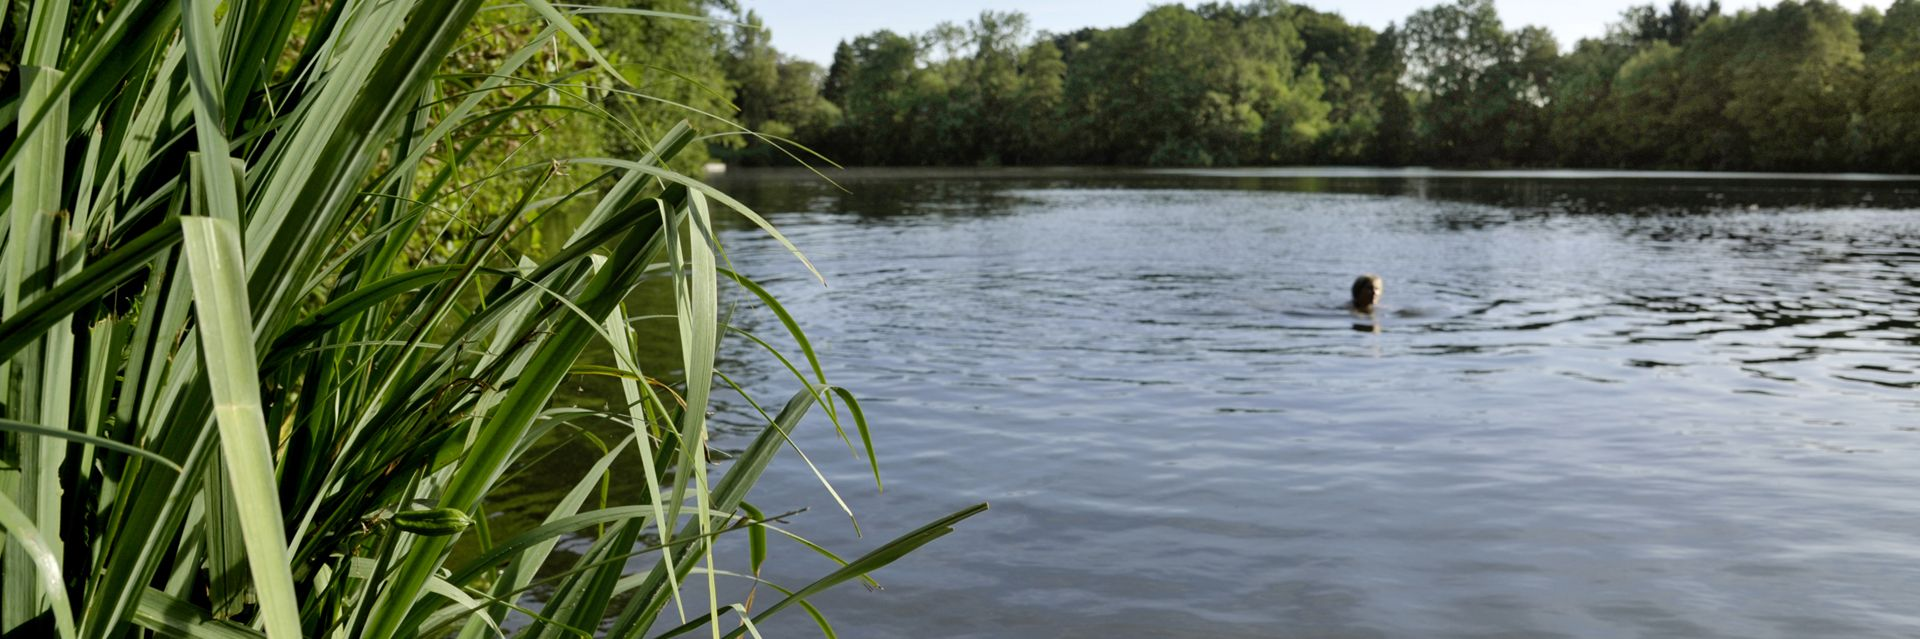 Baden im Rensinger See bei Kellinghusen